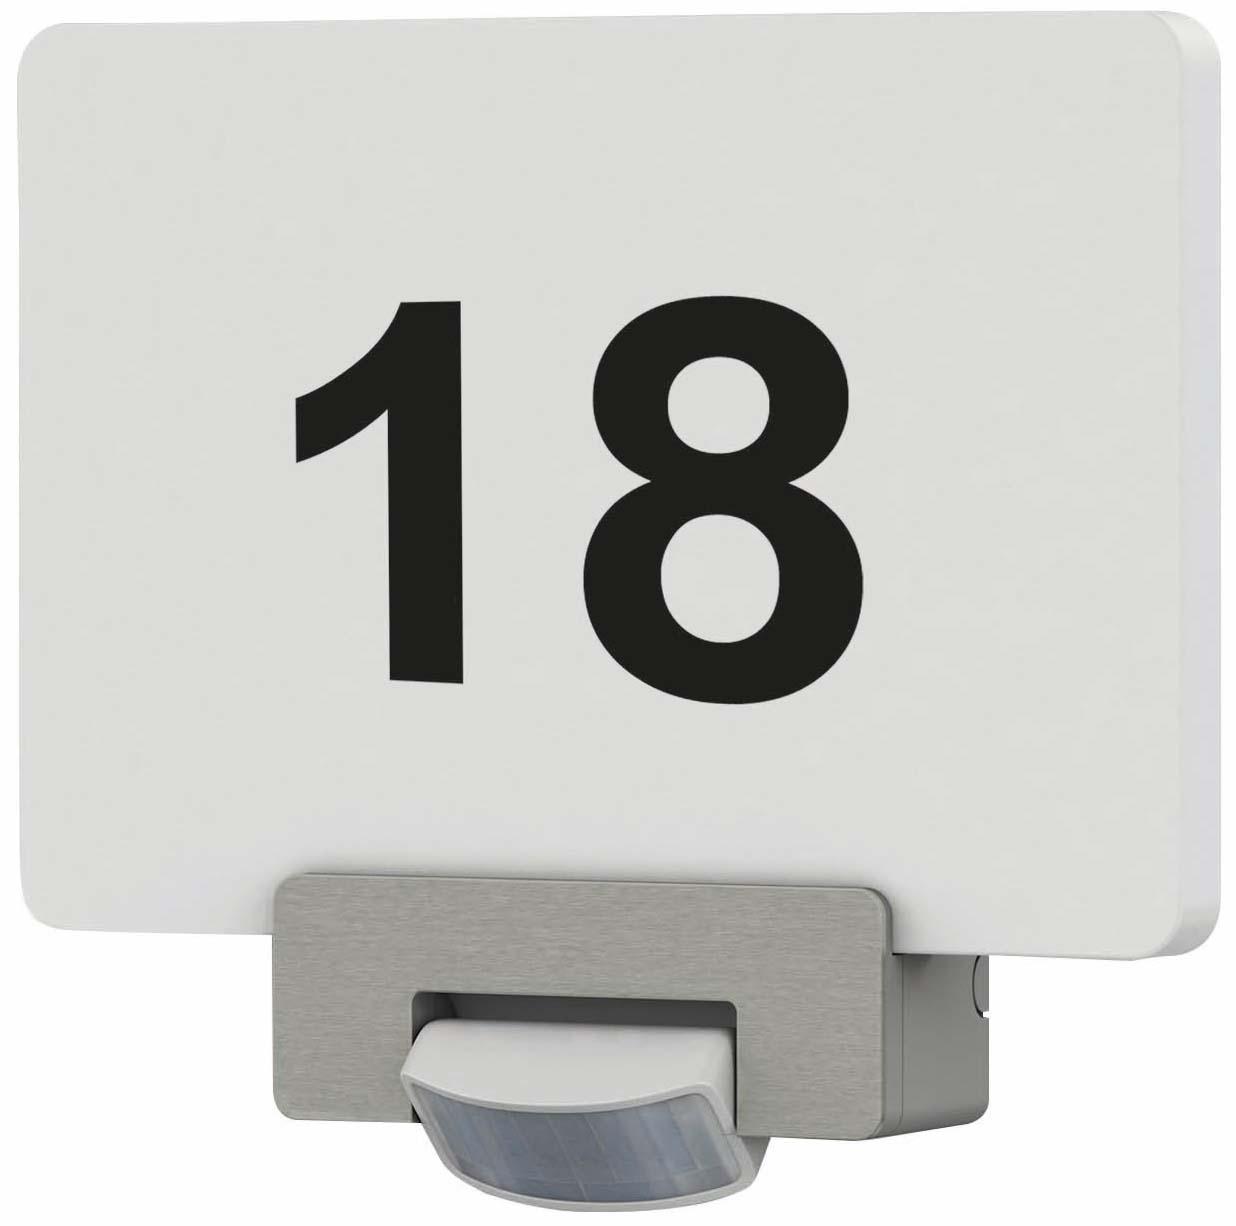 Hausnummernleuchte mit Bewegungsmelder incl, Zahlen-/Buchstabensatz, 2x 1W LED